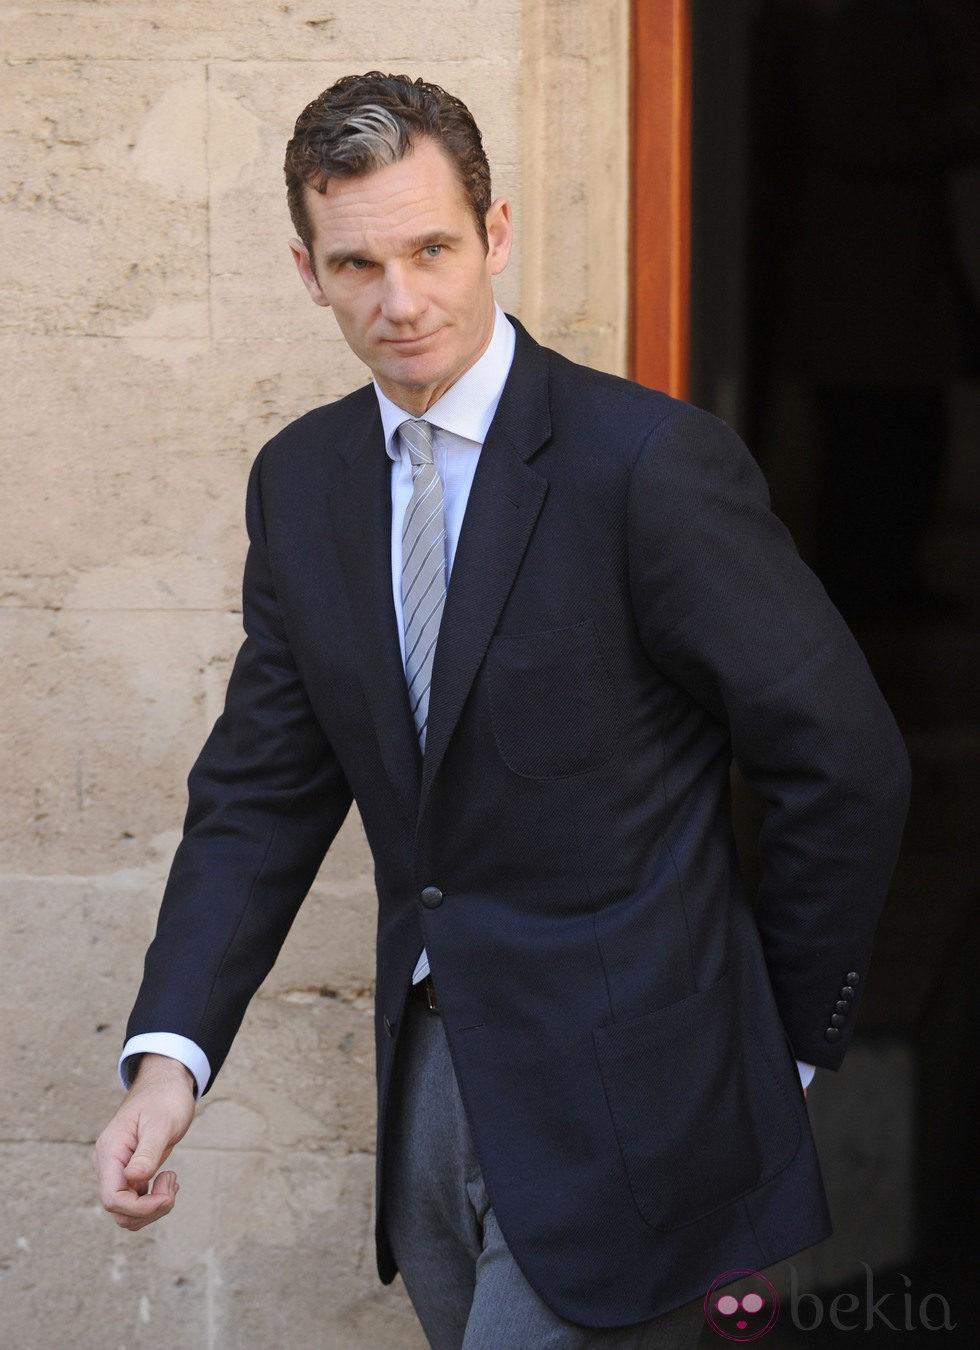 Iñaki Urdangarín sale del juzgado tras su declaración